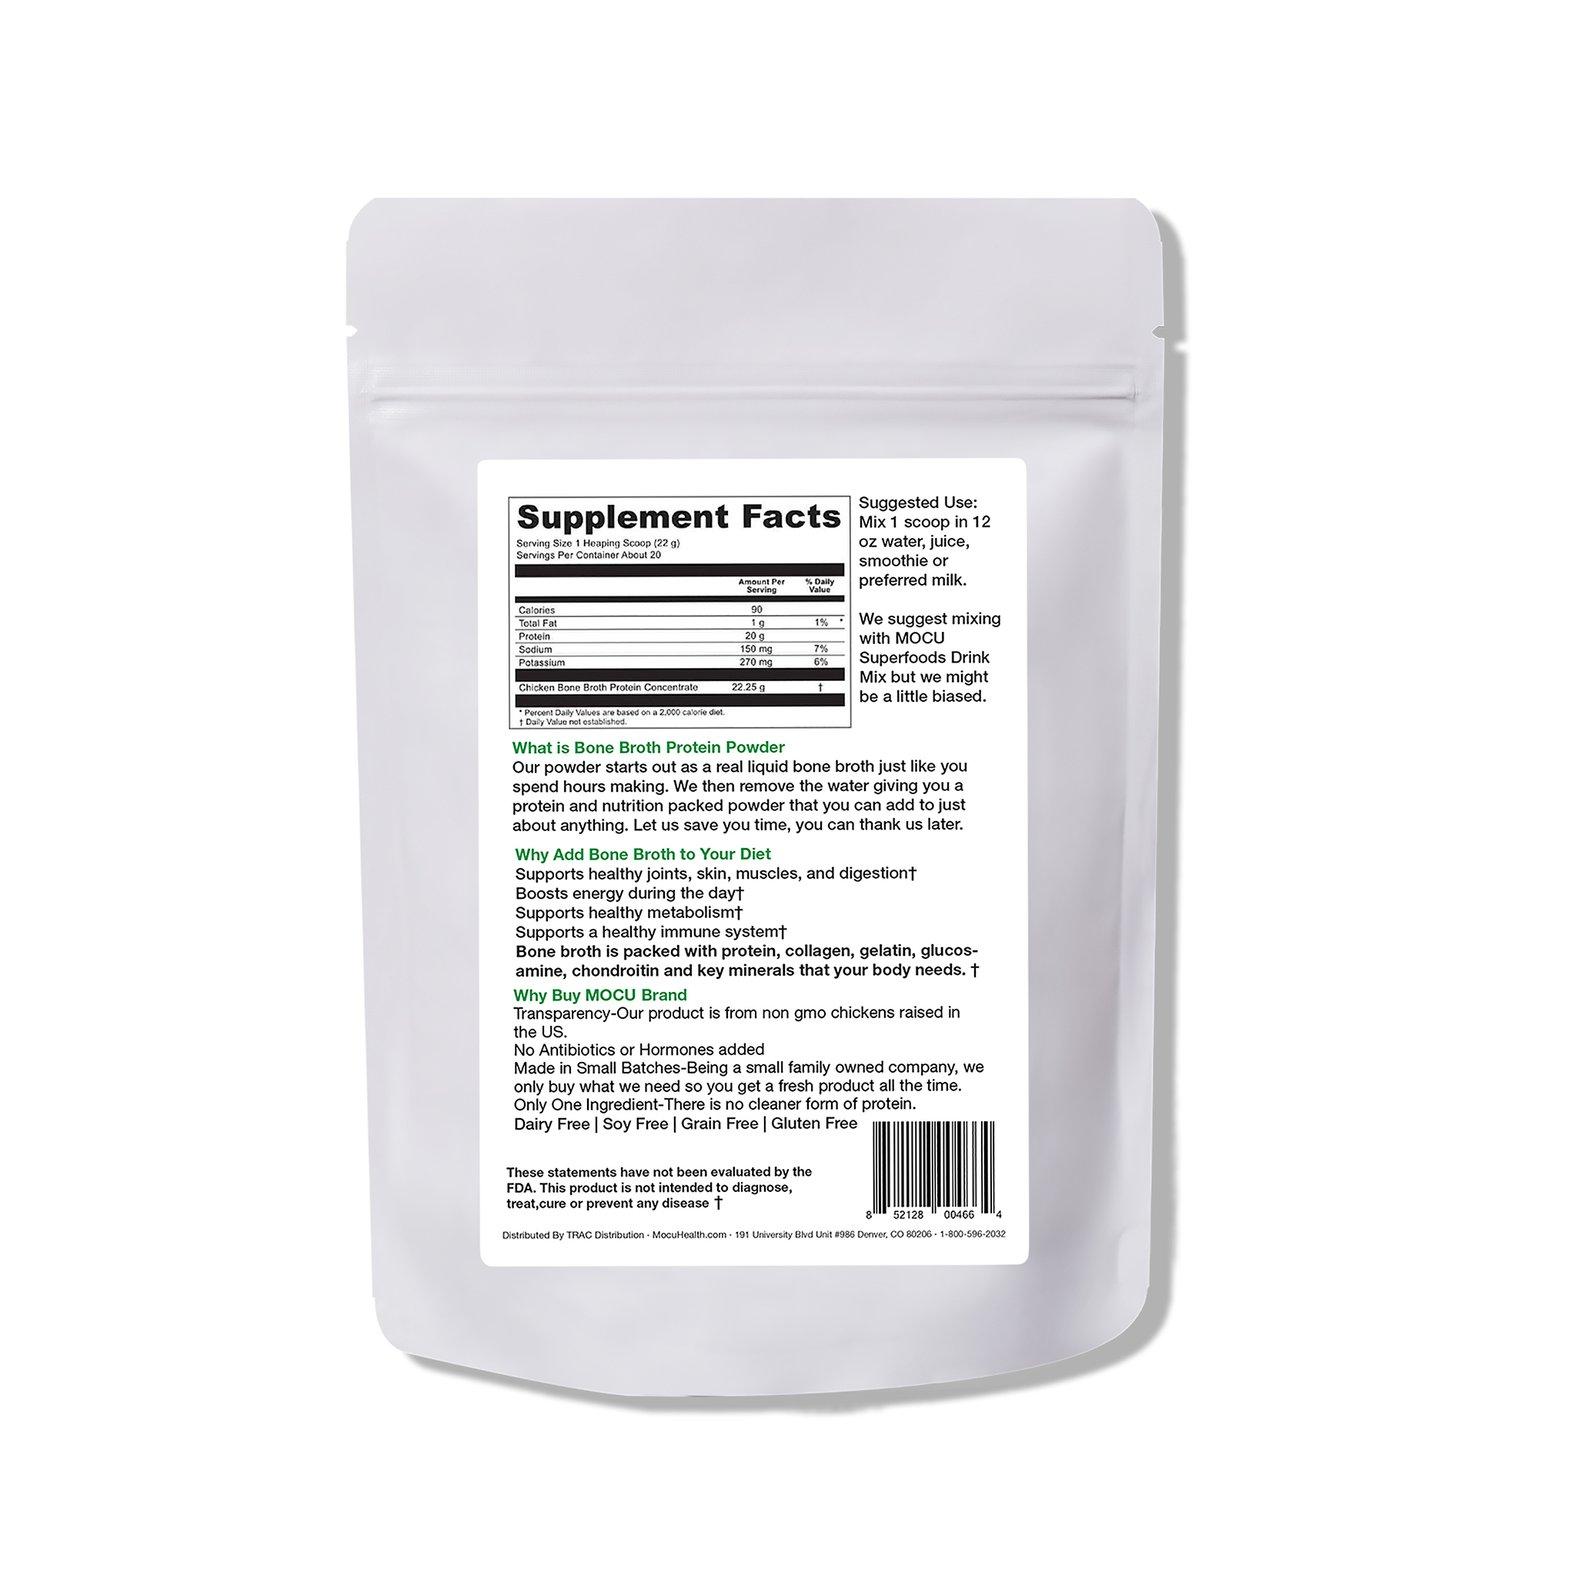 mocu-bone-broth-protein-powder-back.jpg